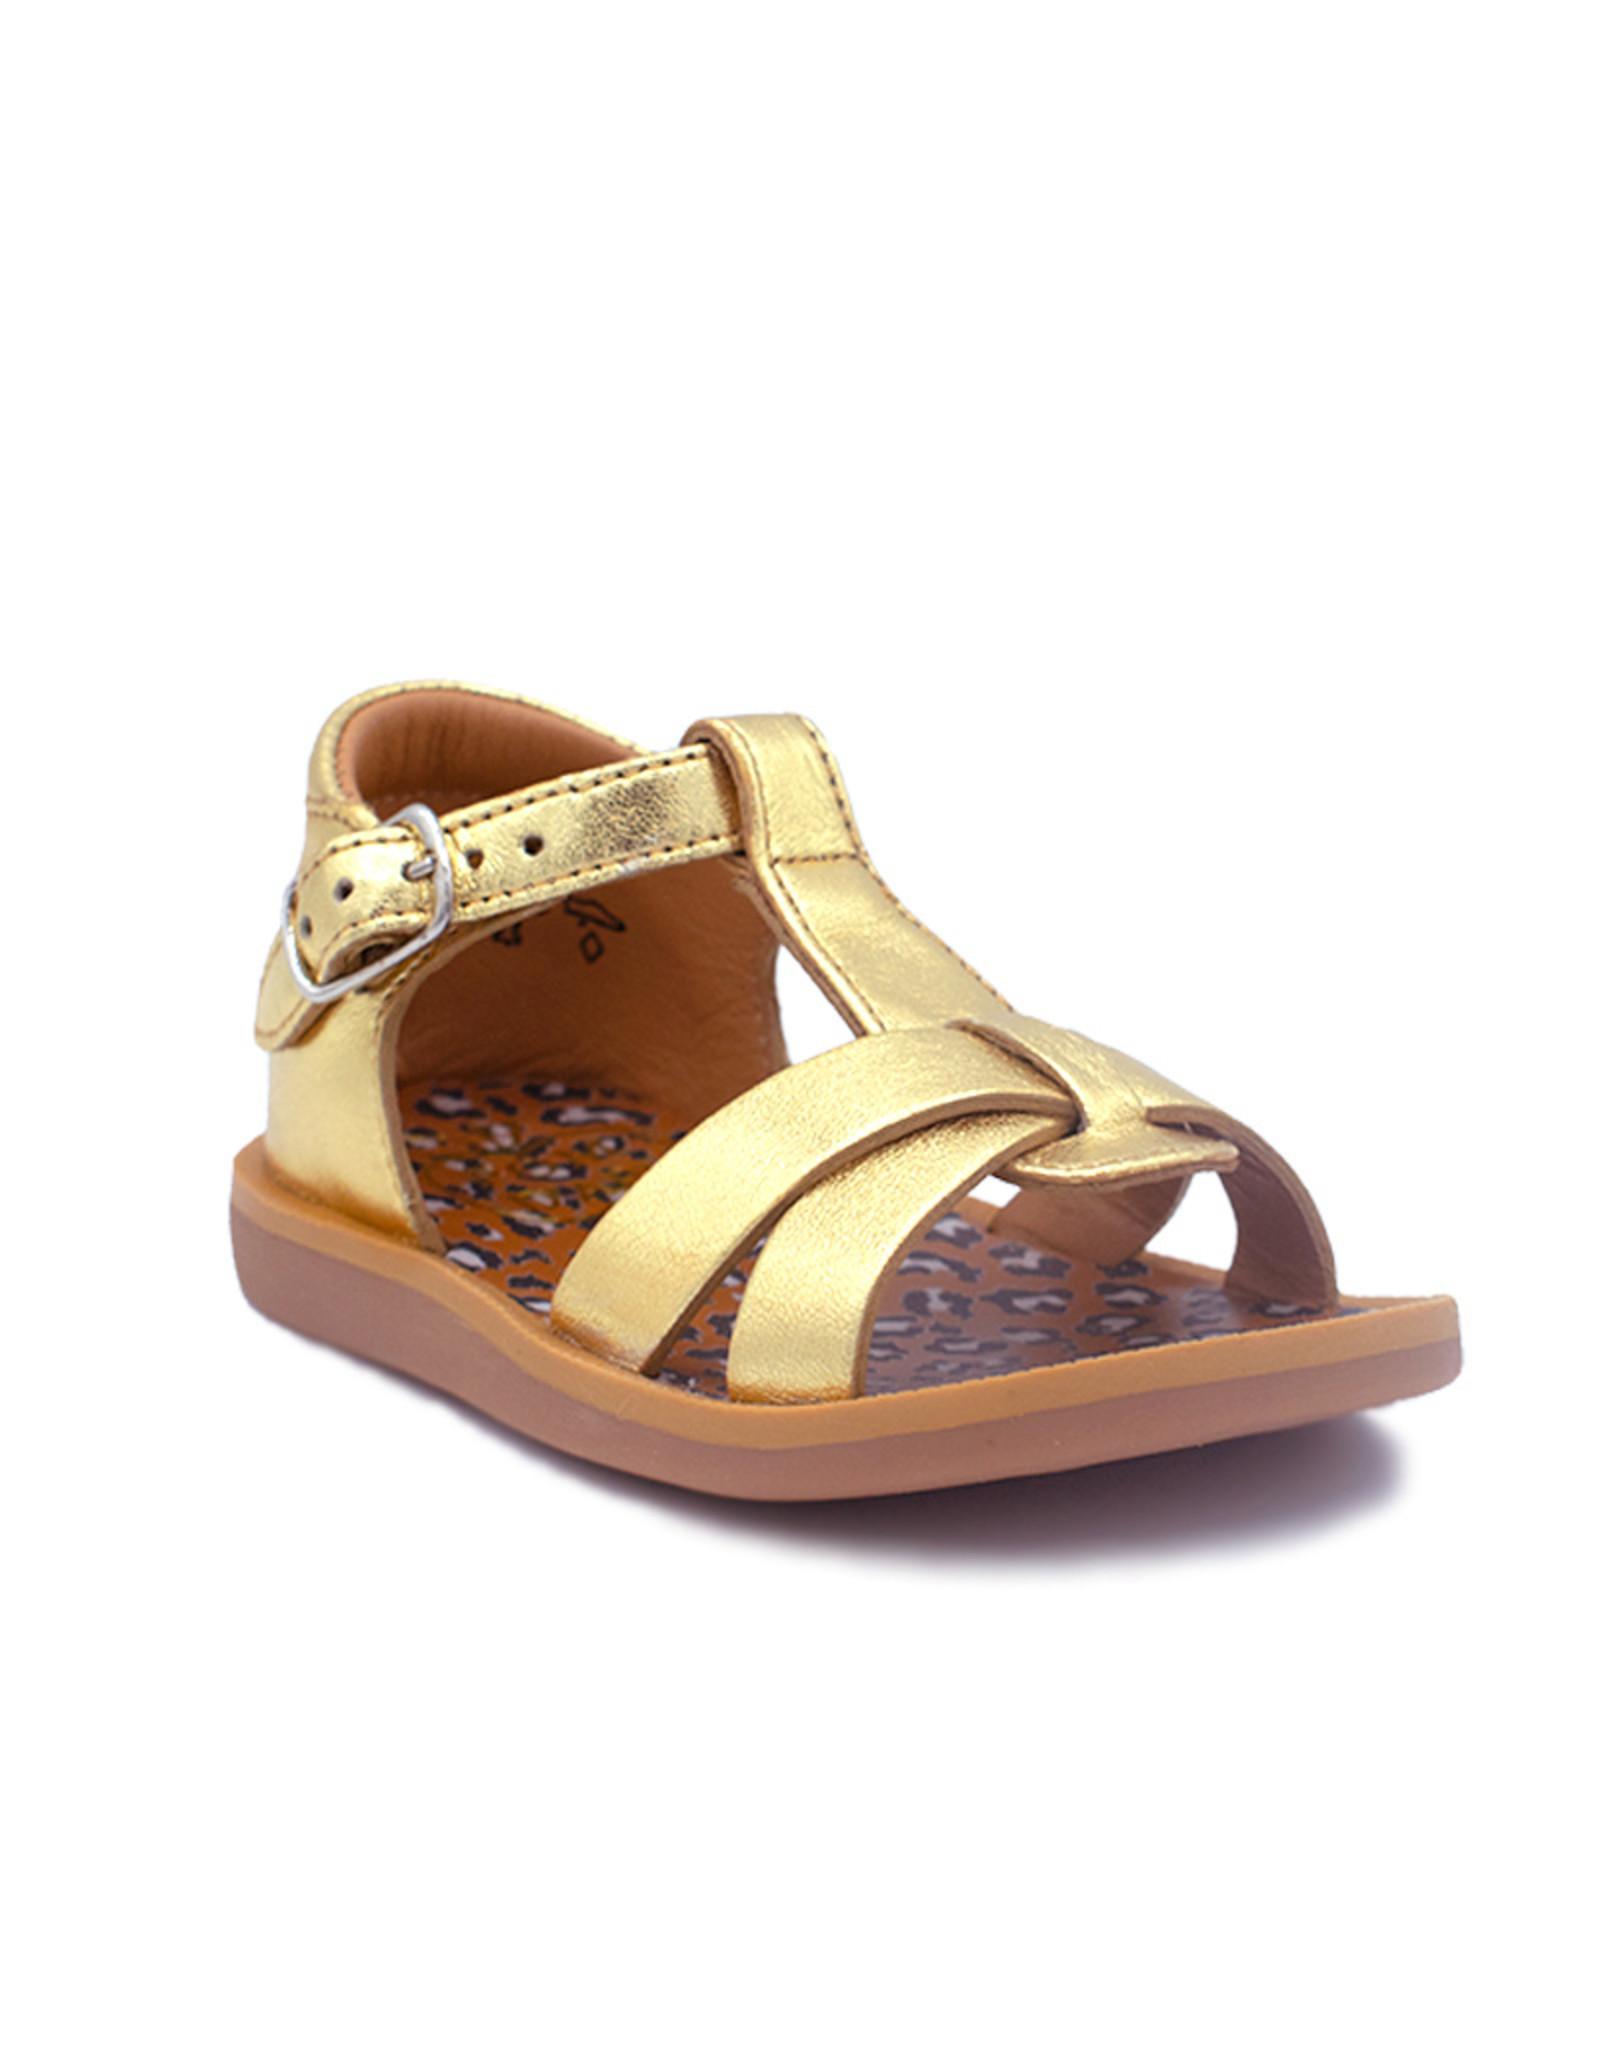 POM D'API POM D'API sandaal goud animals